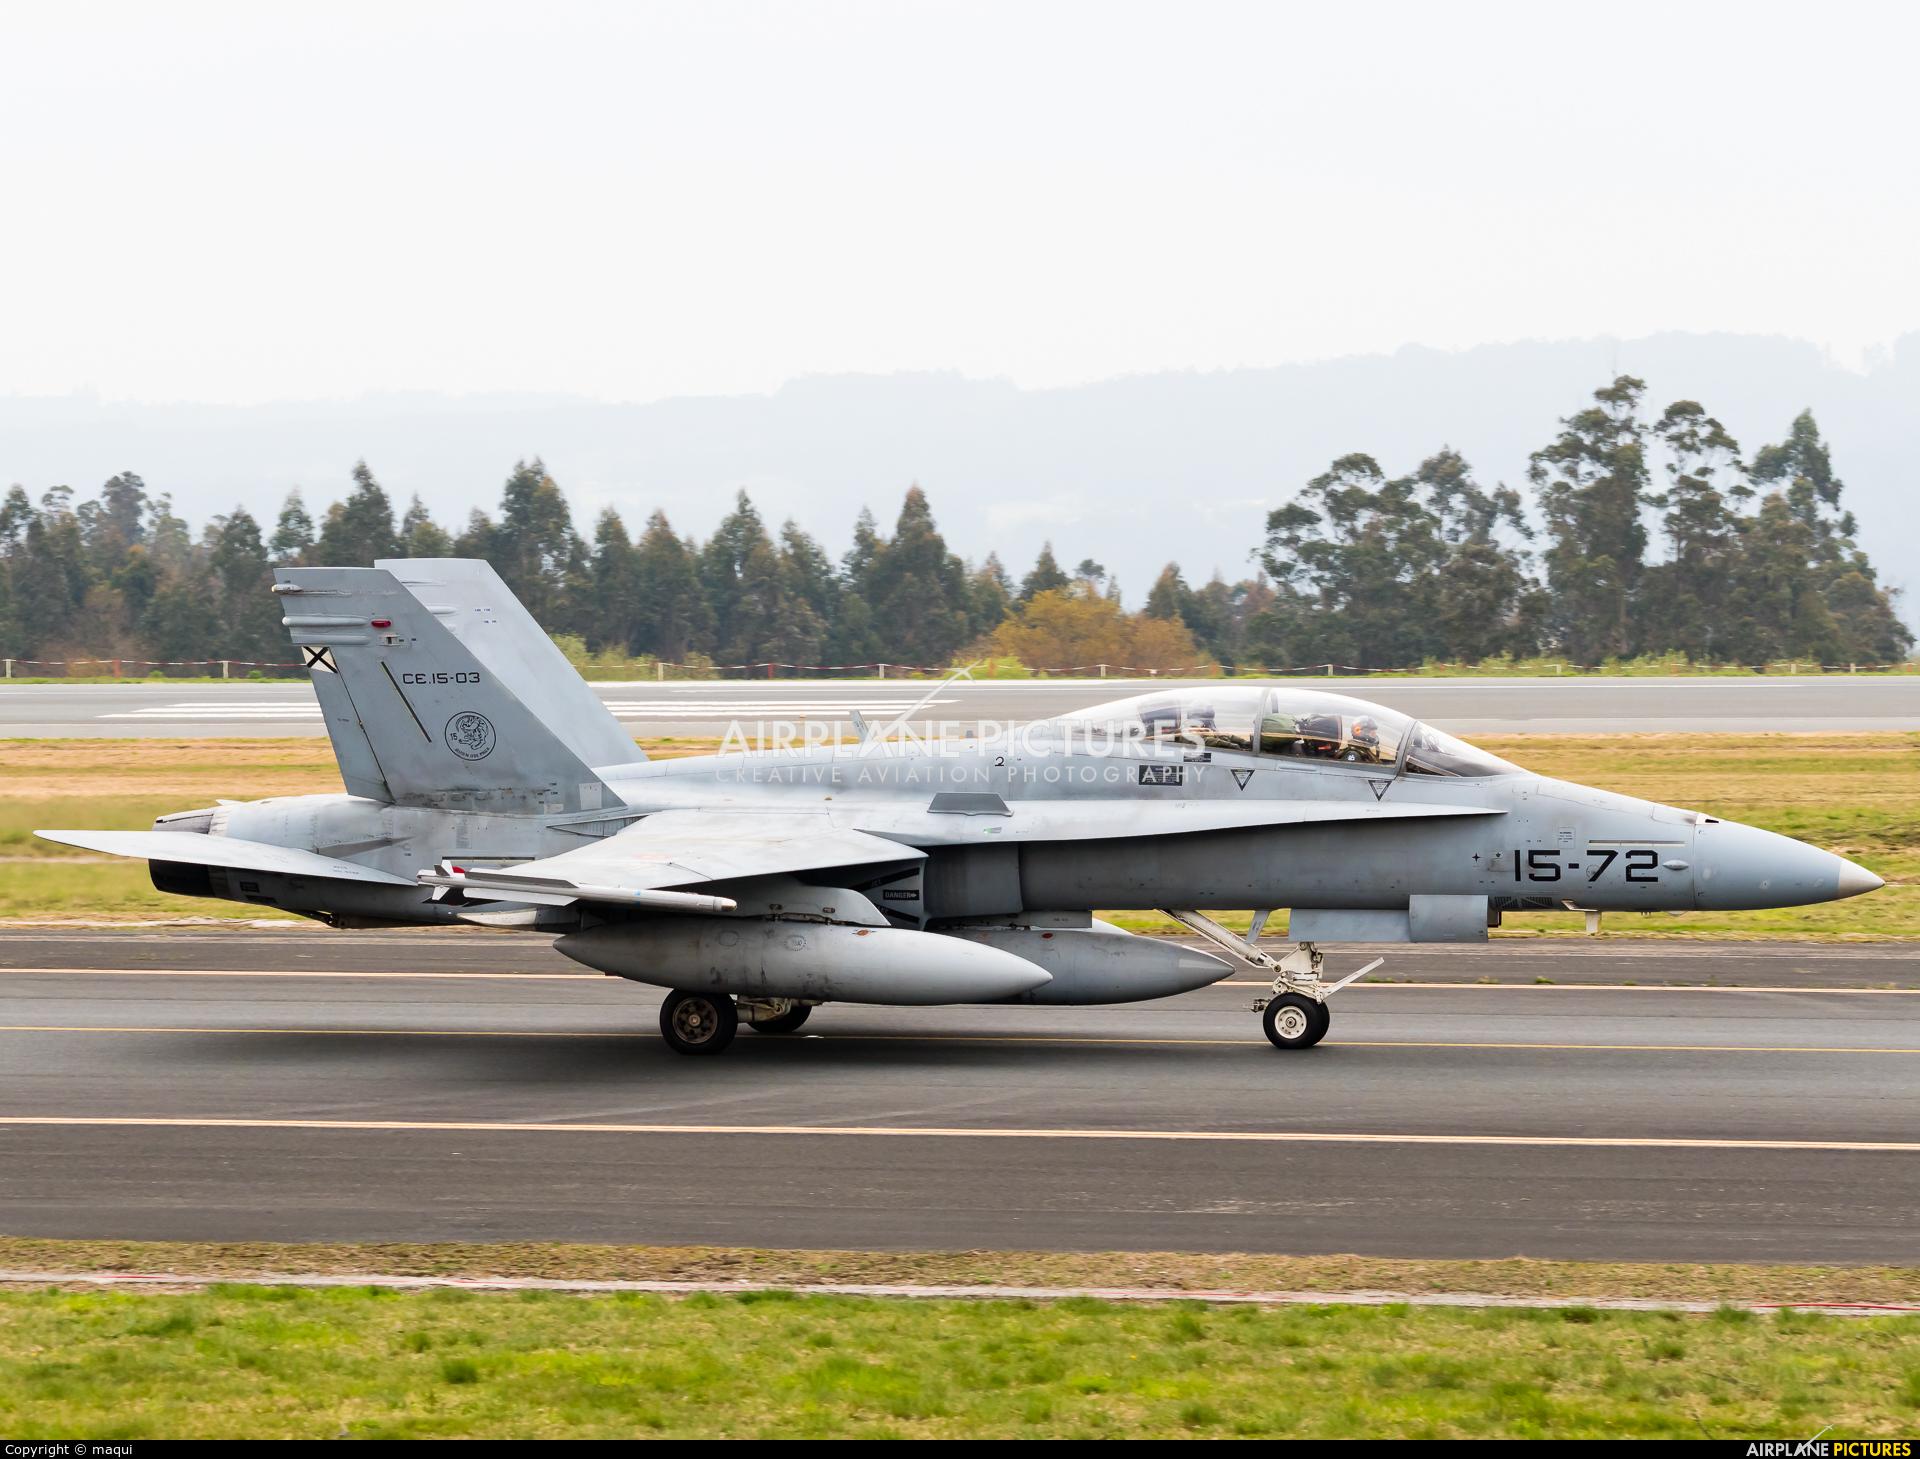 Spain - Air Force CE.15-03 aircraft at Santiago de Compostela